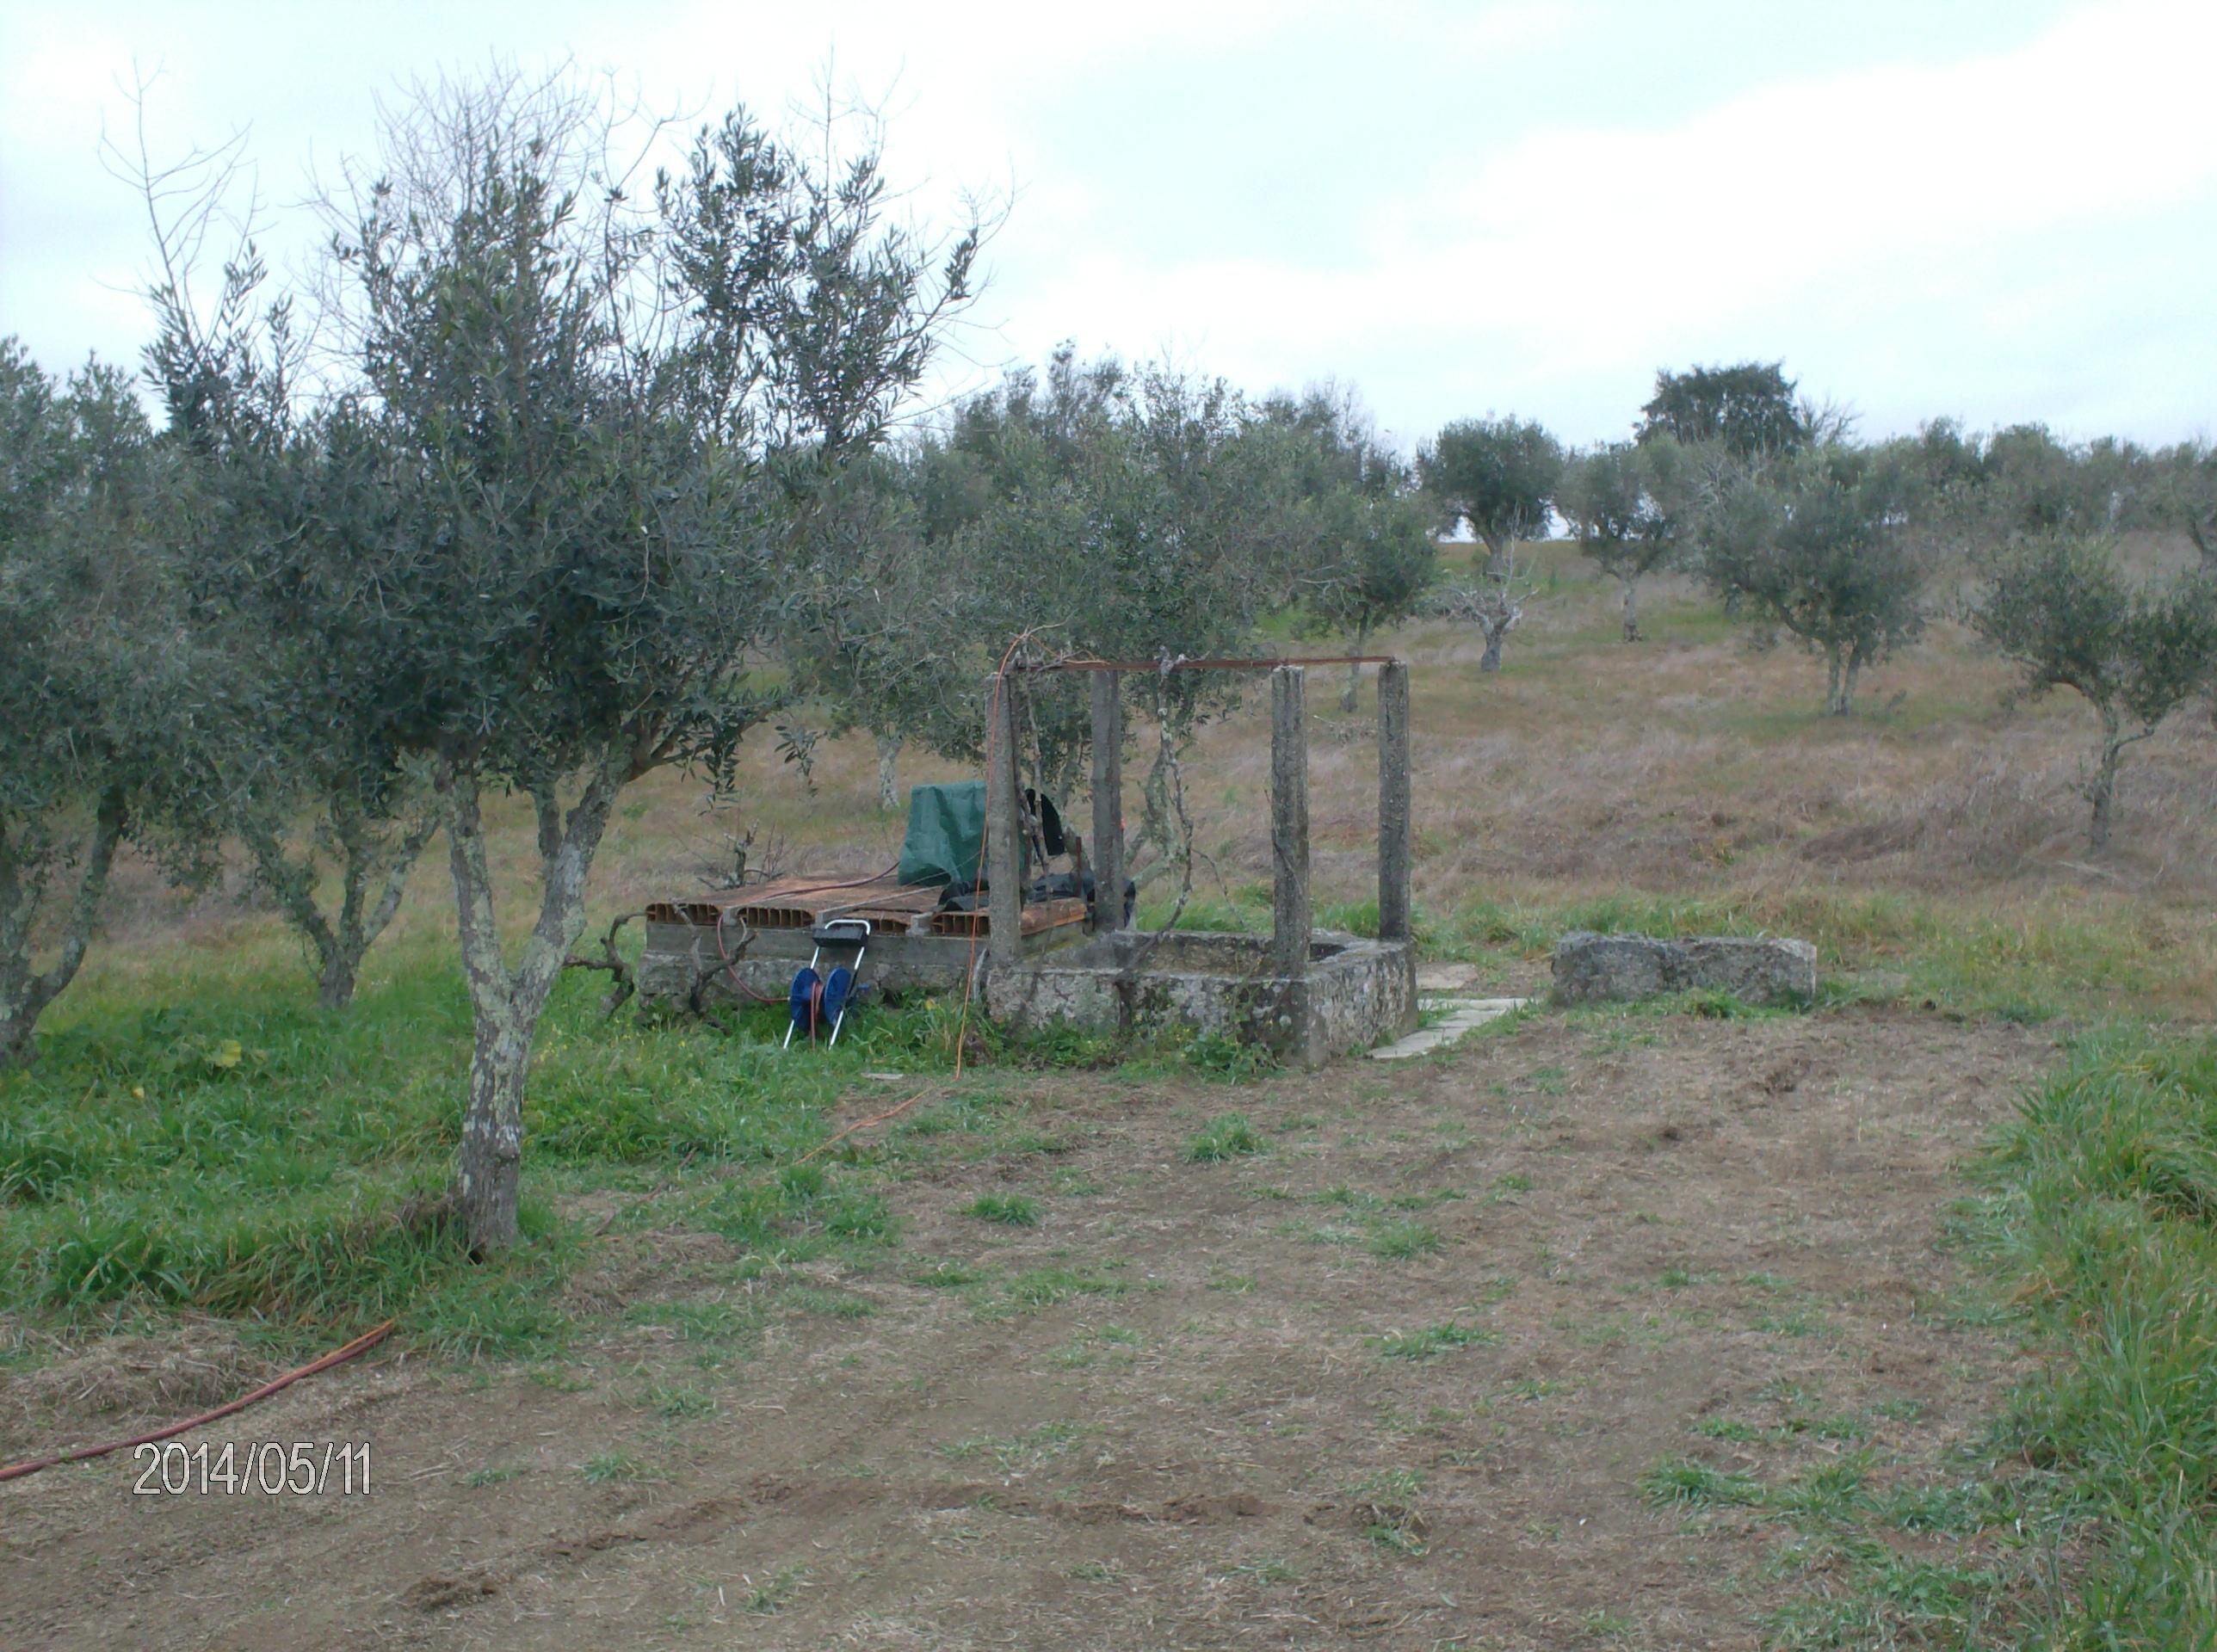 Vente terrain agricole nisa portalegre portugal s tio for Agrandissement maison terrain agricole